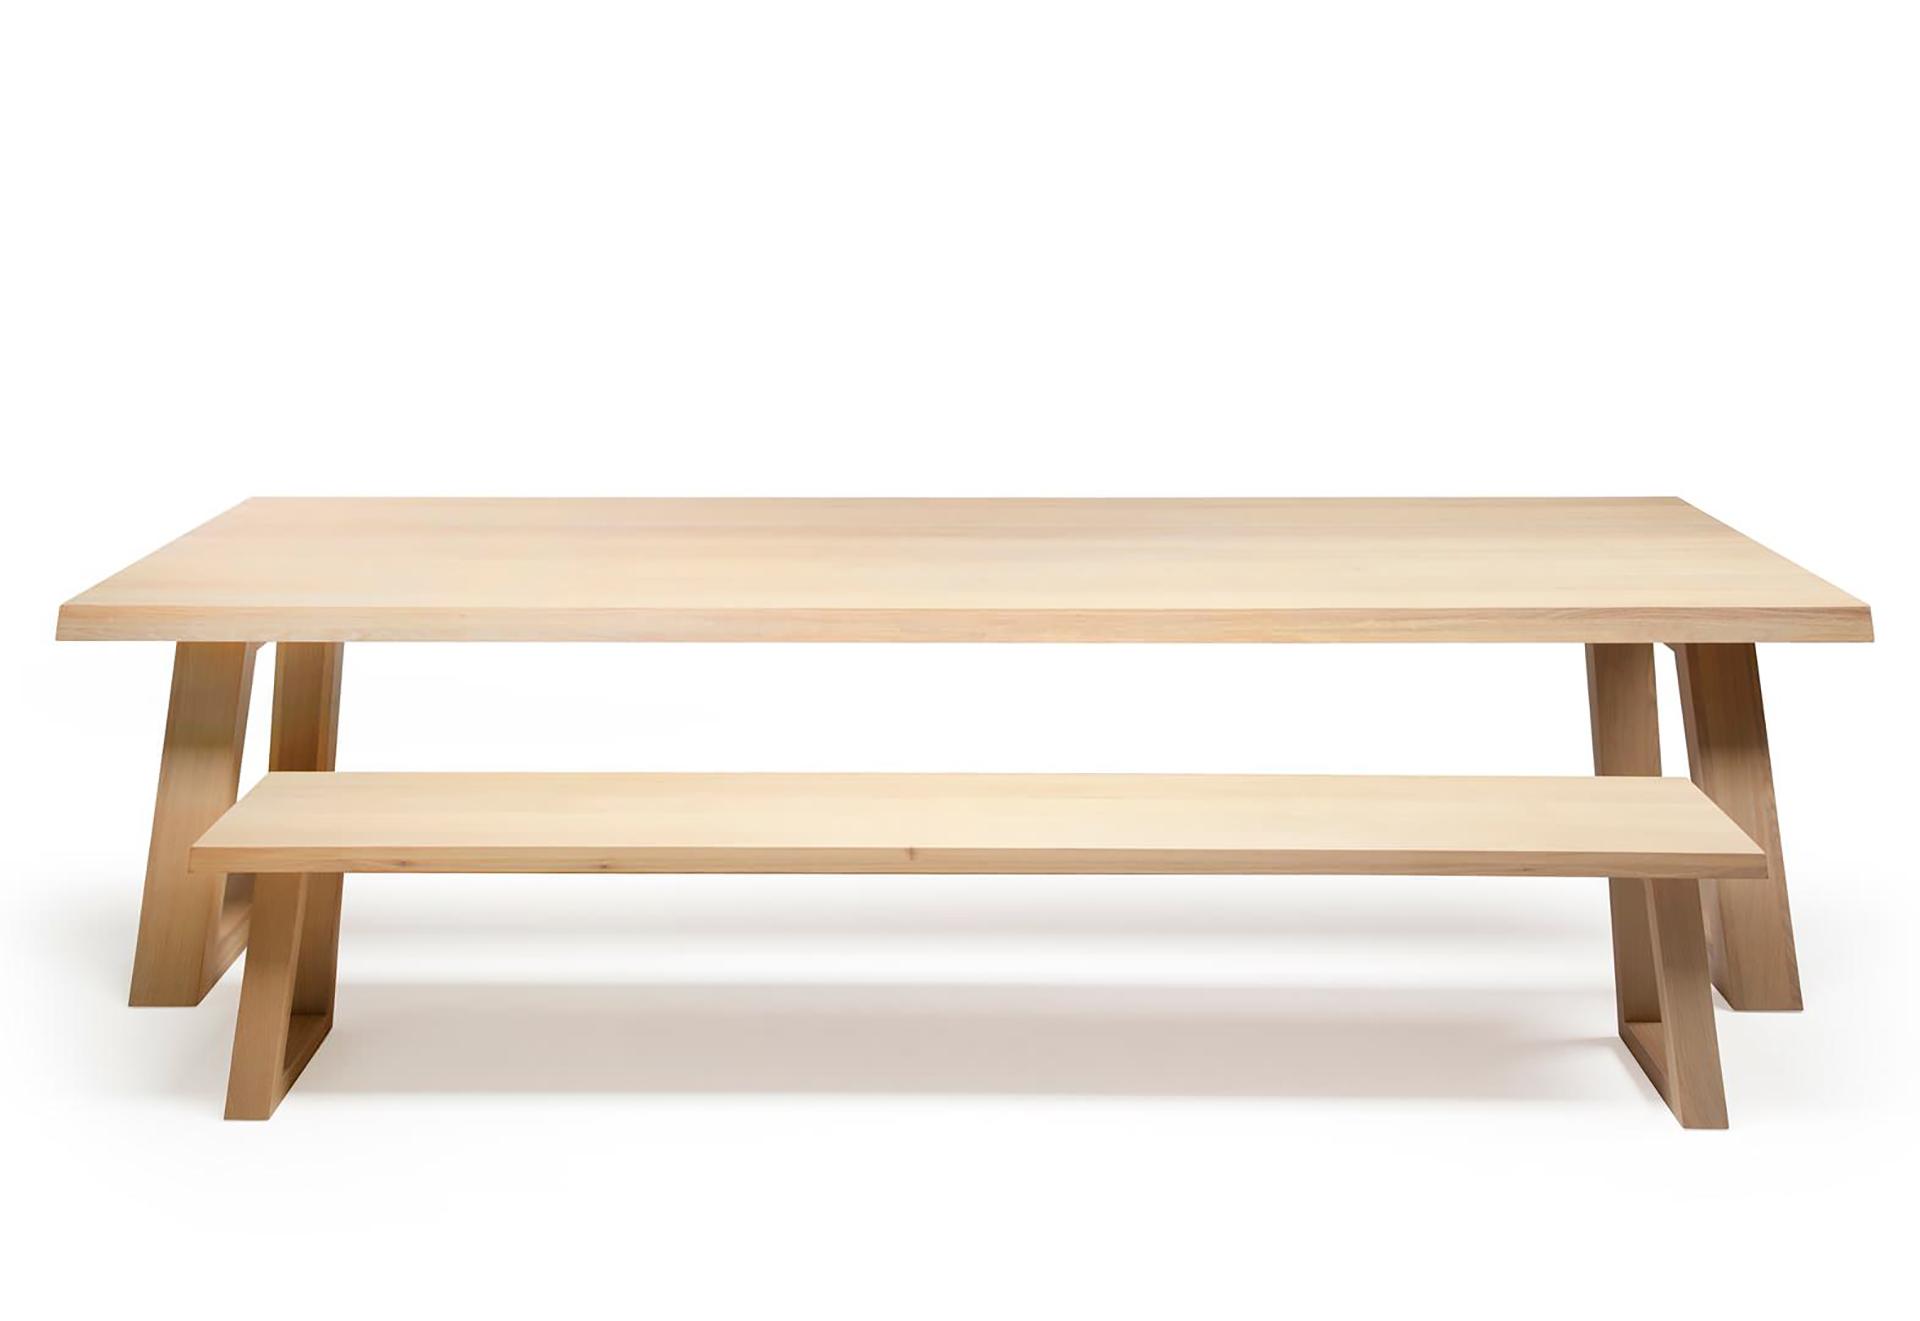 Licht Eiken Eettafel : Design eettafel slide l remy meijers l odesi. your dutch design